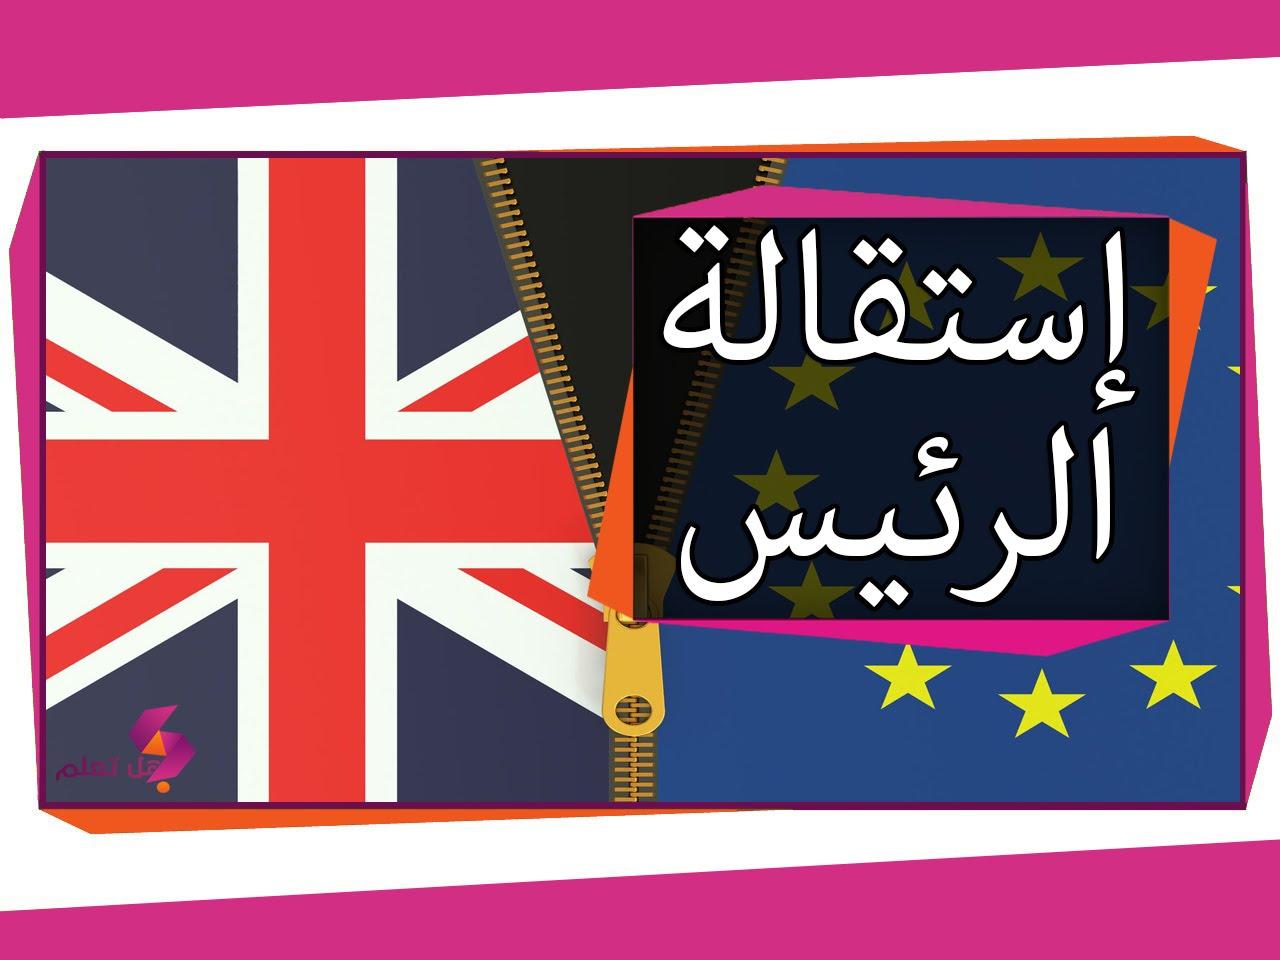 عواقب لخروج بريطانيا من الاتحاد الأوروبي..!!